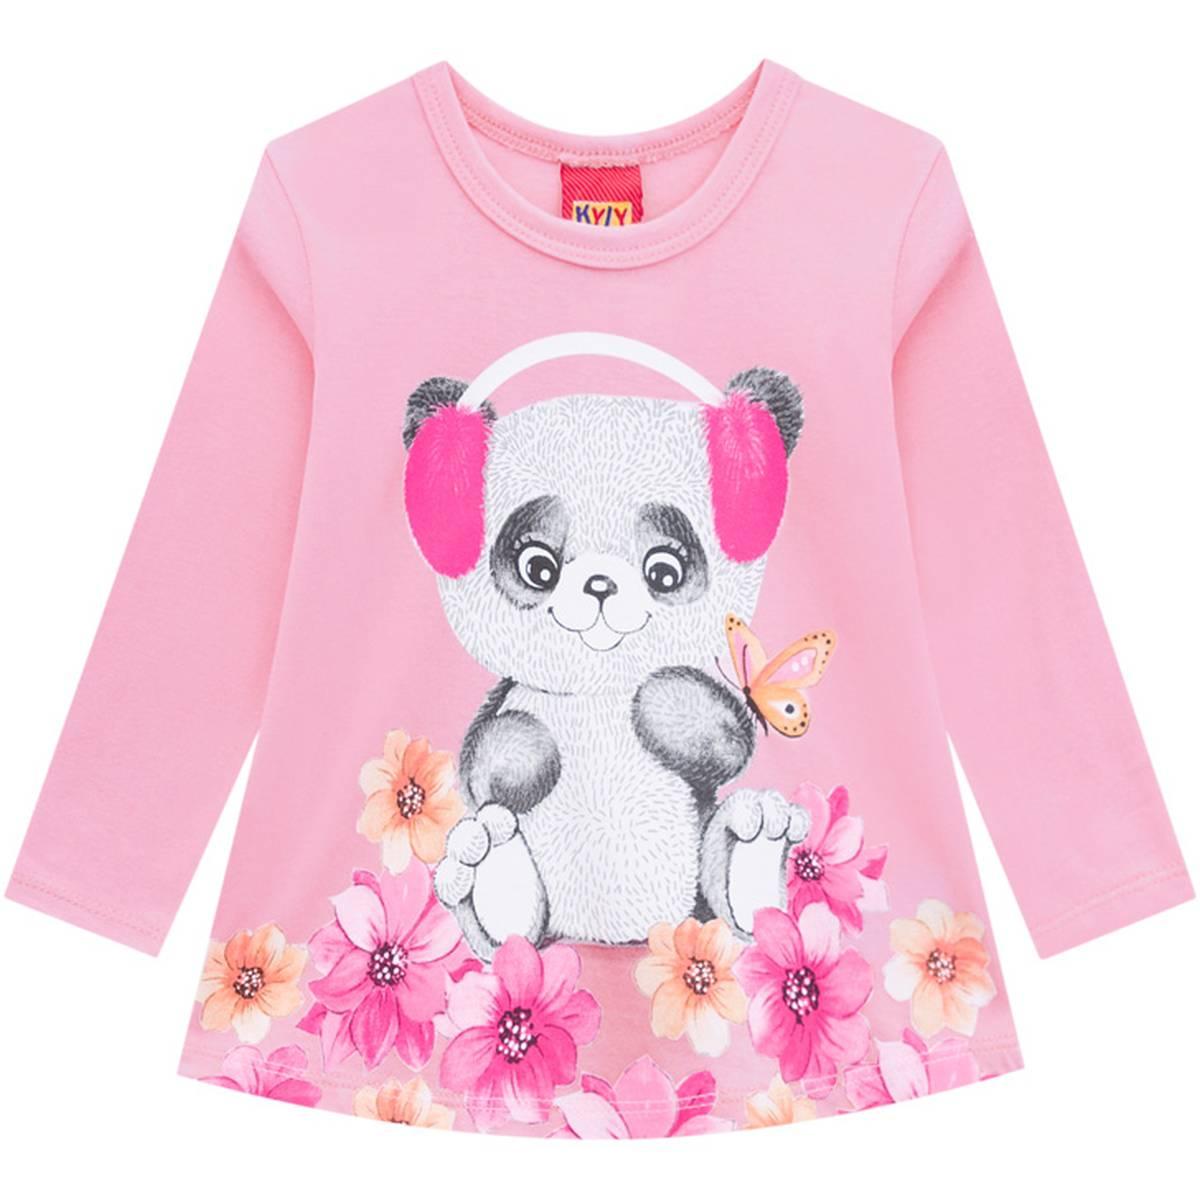 Blusa Infantil Feminina Kyly em Algodão Estampa Ursinho Rosa